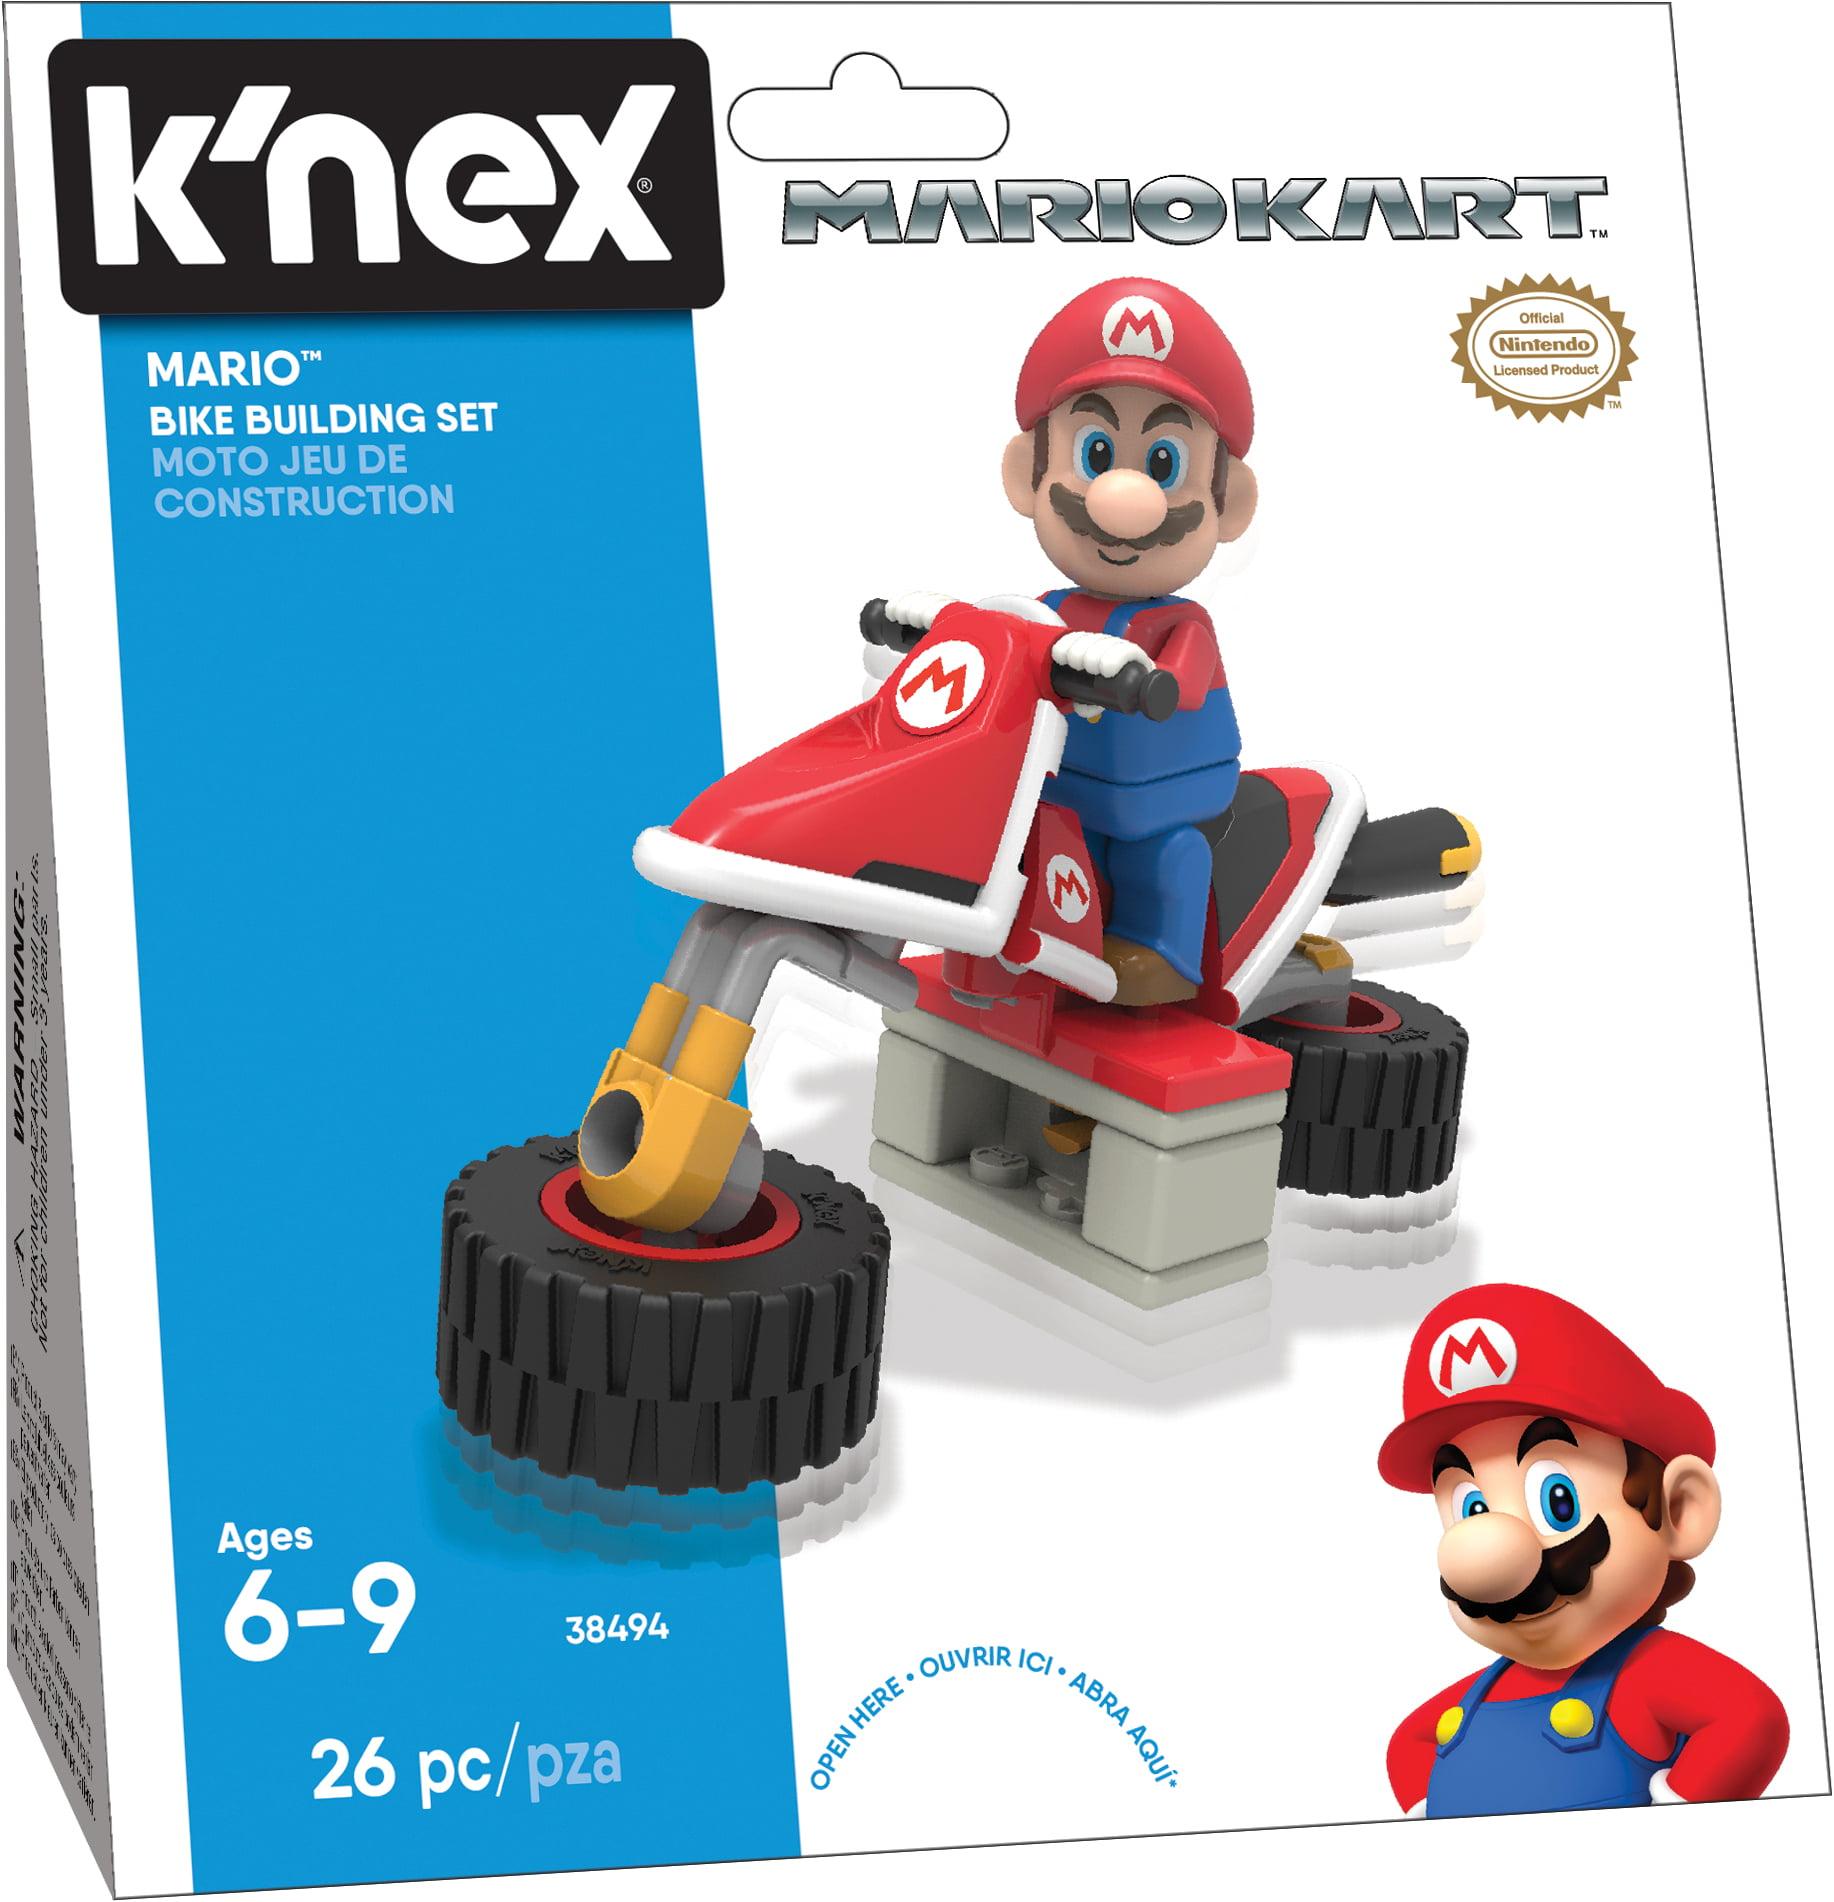 K'NEX - Mario Kart Bike Building Set - 26 Pieces - Ages 6 Construction Toy